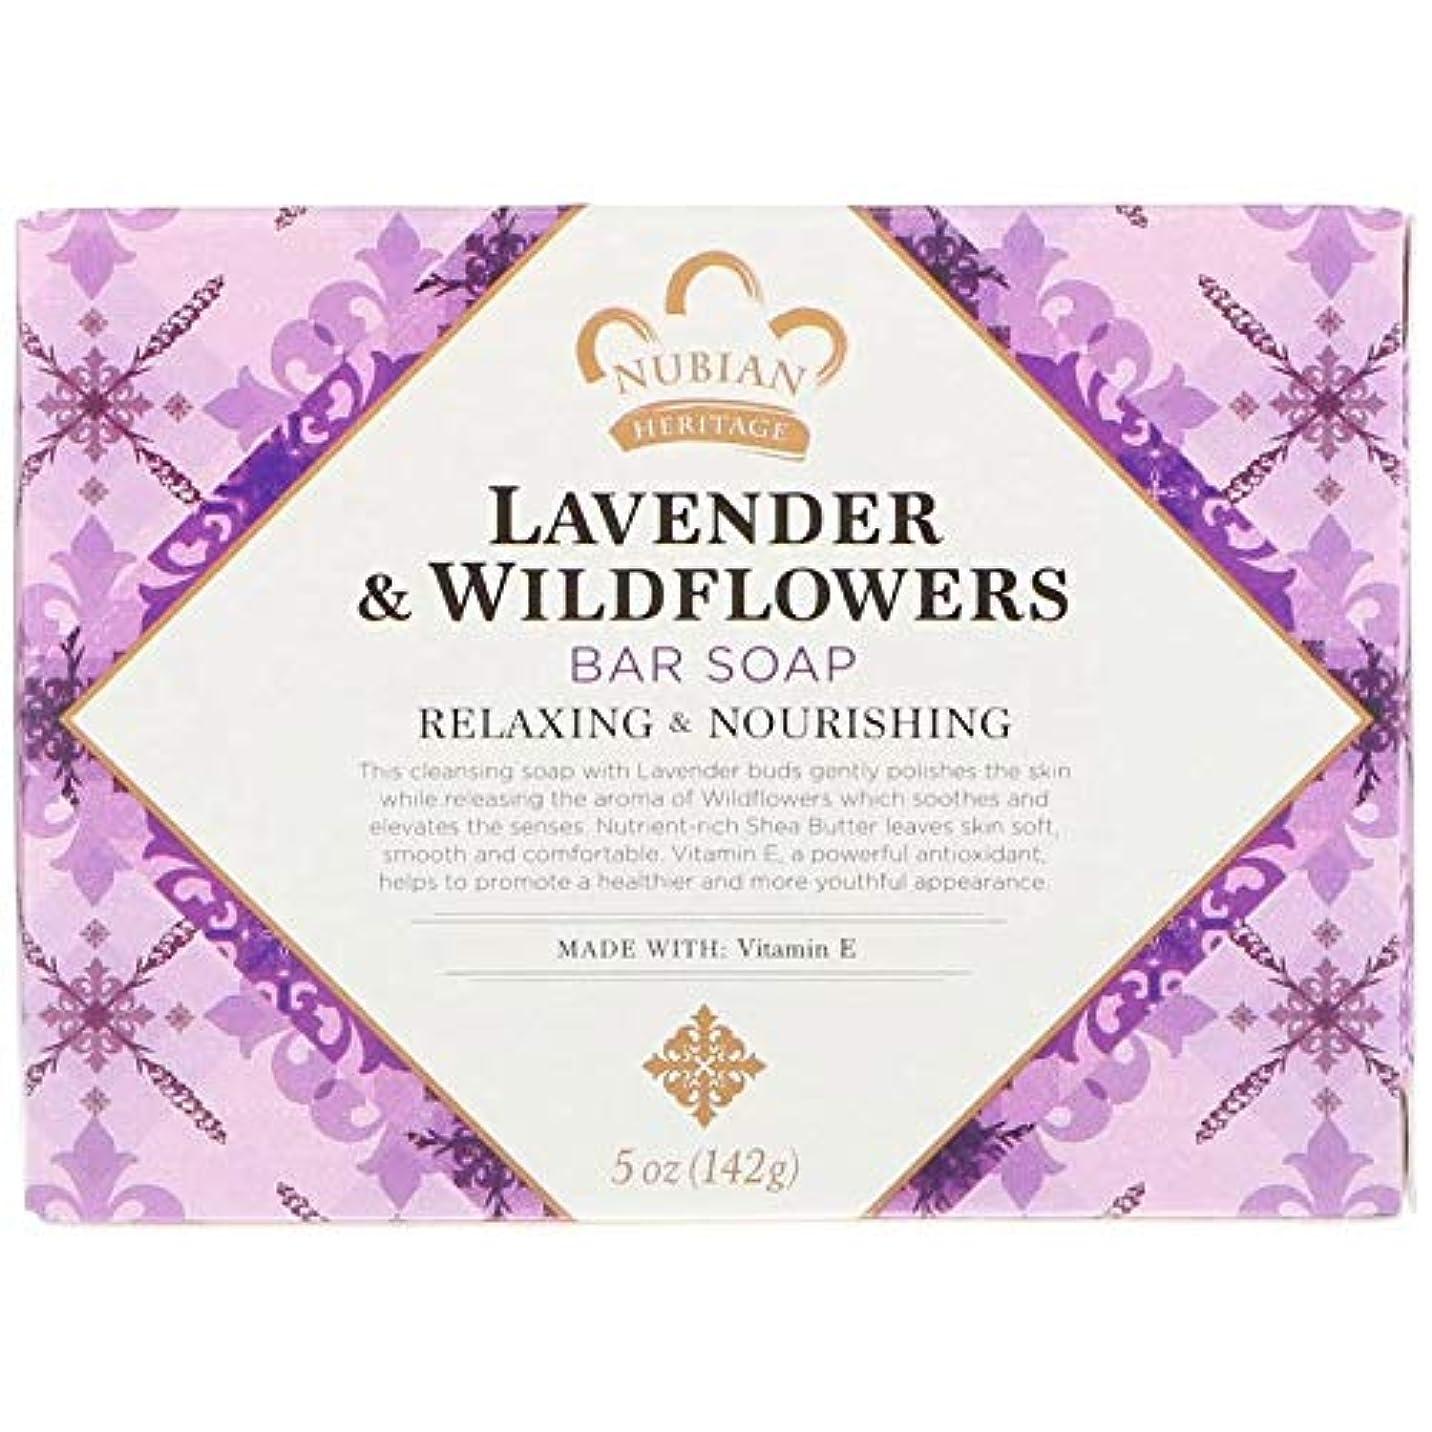 骨有効水陸両用シアバターソープ石鹸 ラベンダー&ワイルドフラワー Lavender & Wildflowers Bar Soap, 5 oz (142 g) [並行輸入品]